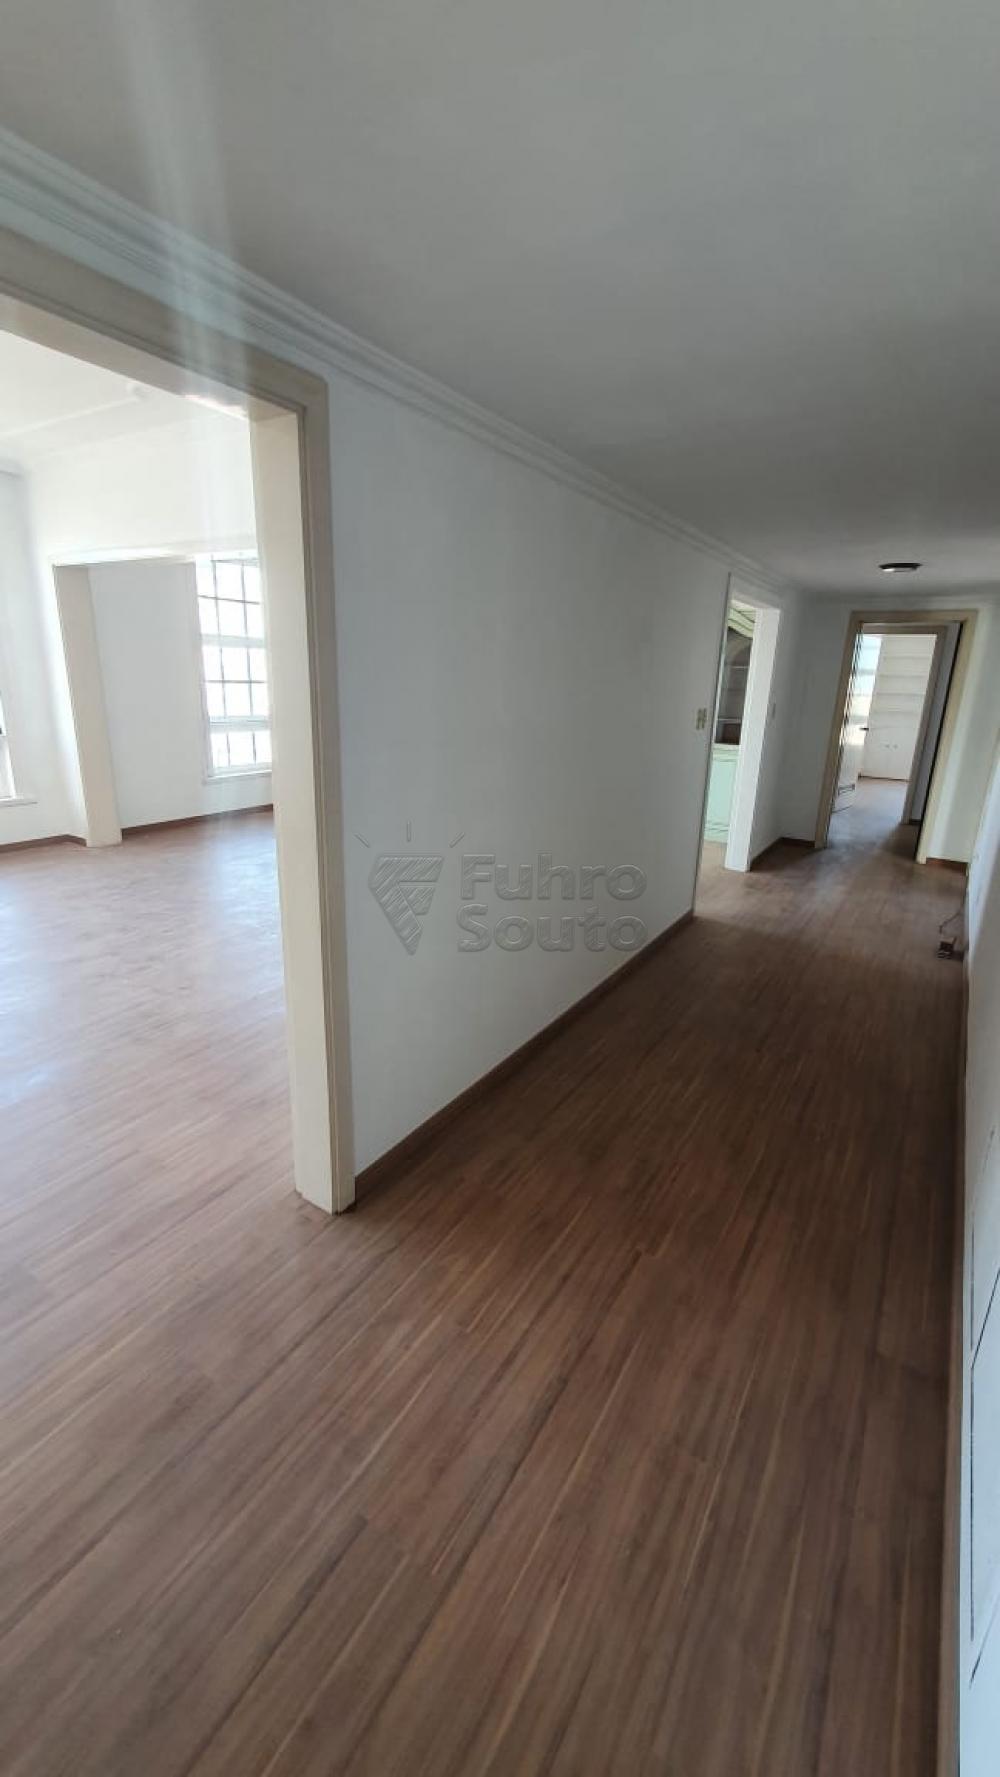 Comprar Apartamento / Padrão em Pelotas R$ 420.000,00 - Foto 3